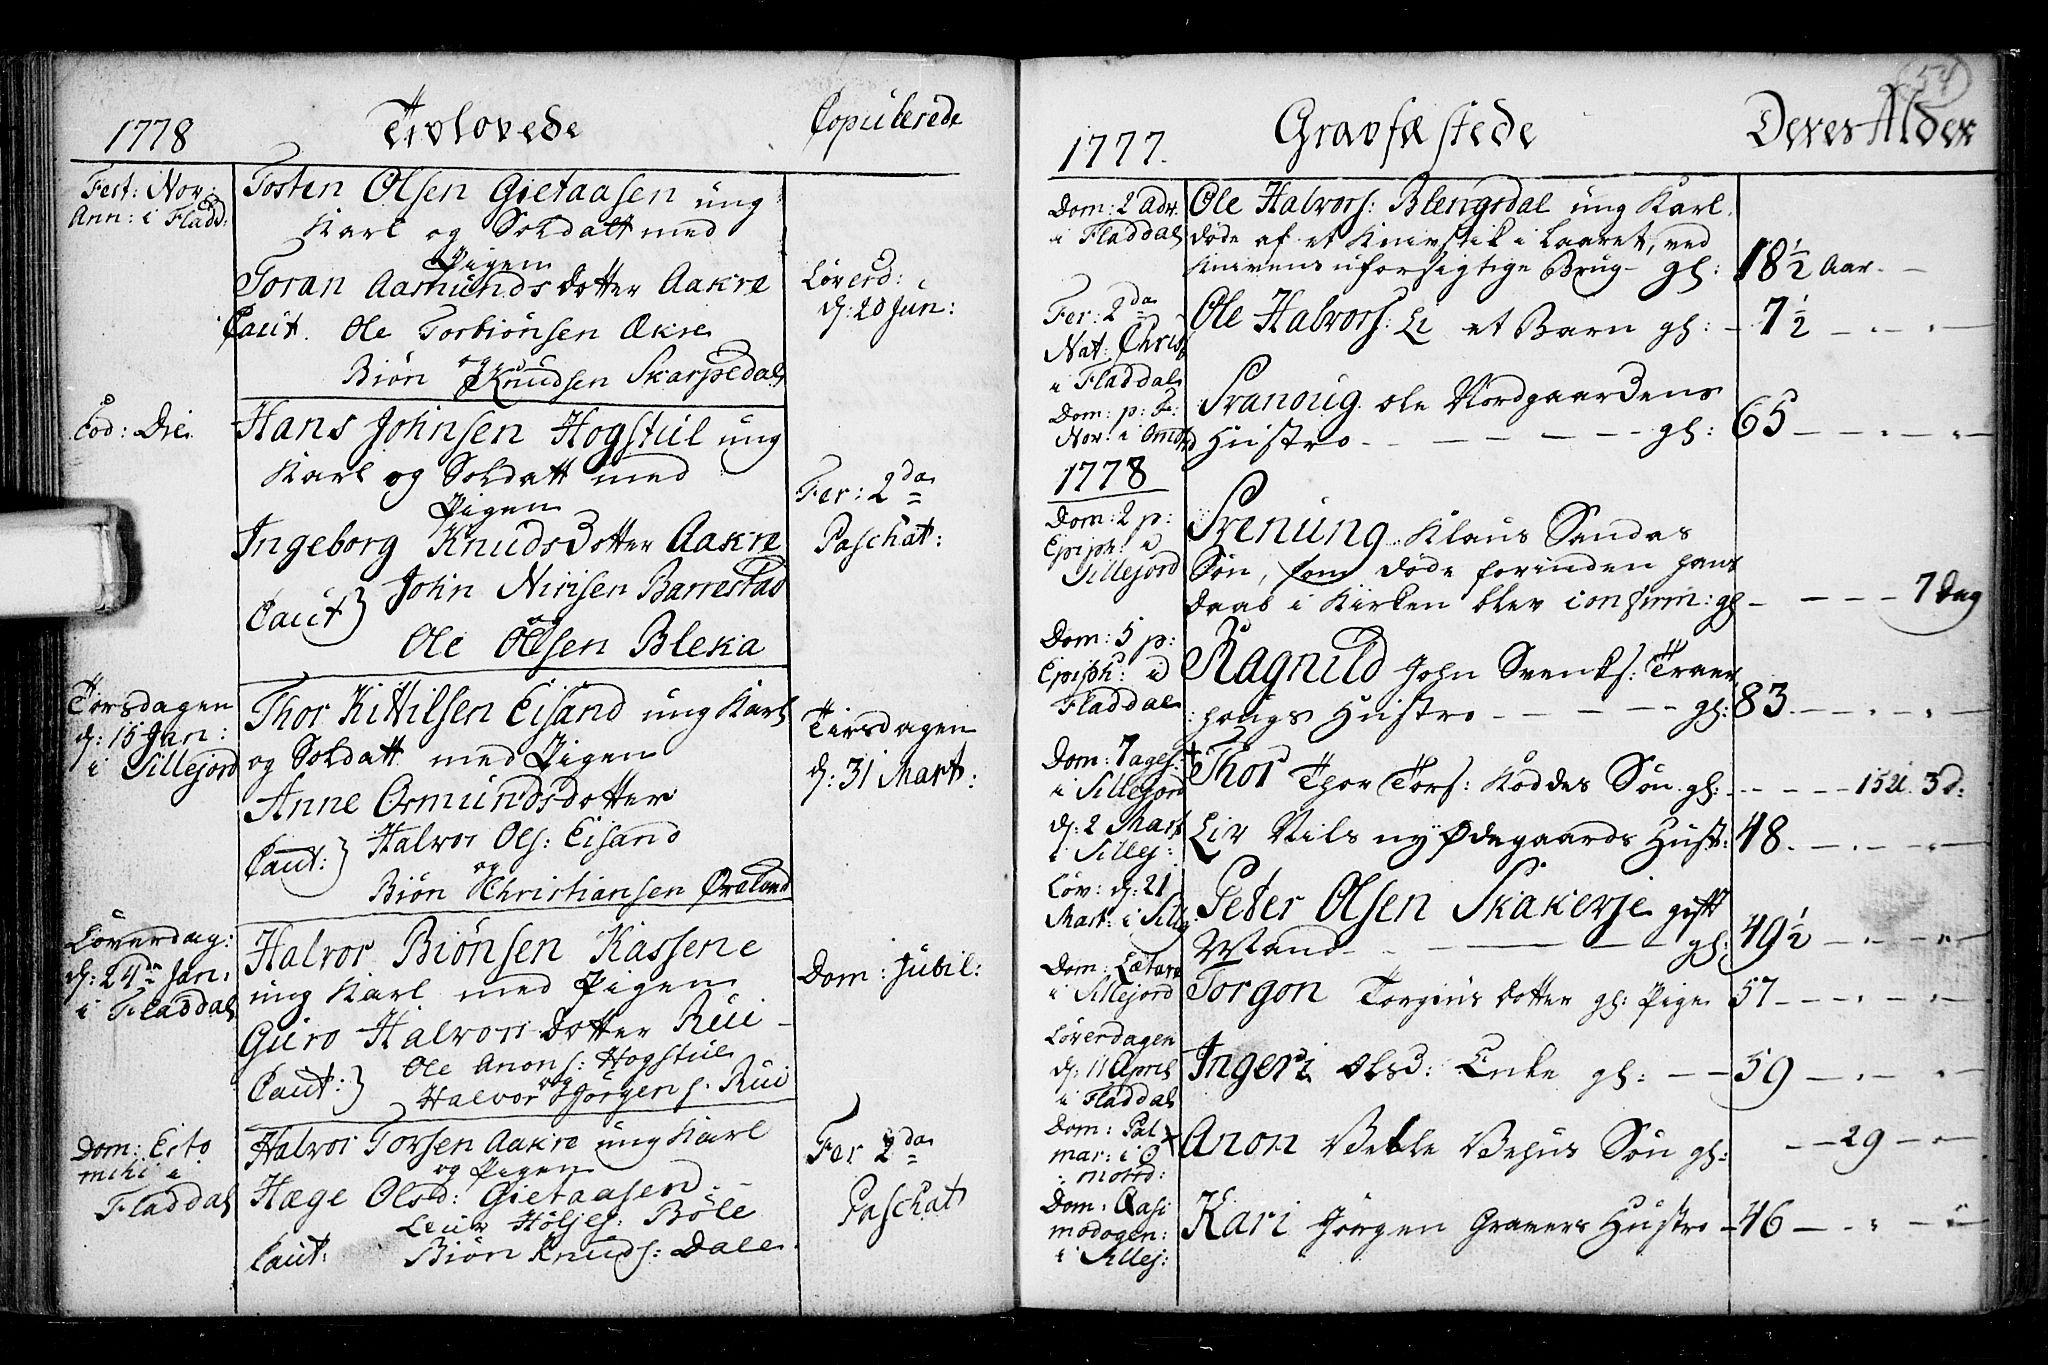 SAKO, Seljord kirkebøker, F/Fa/L0008: Ministerialbok nr. I 8, 1755-1814, s. 54